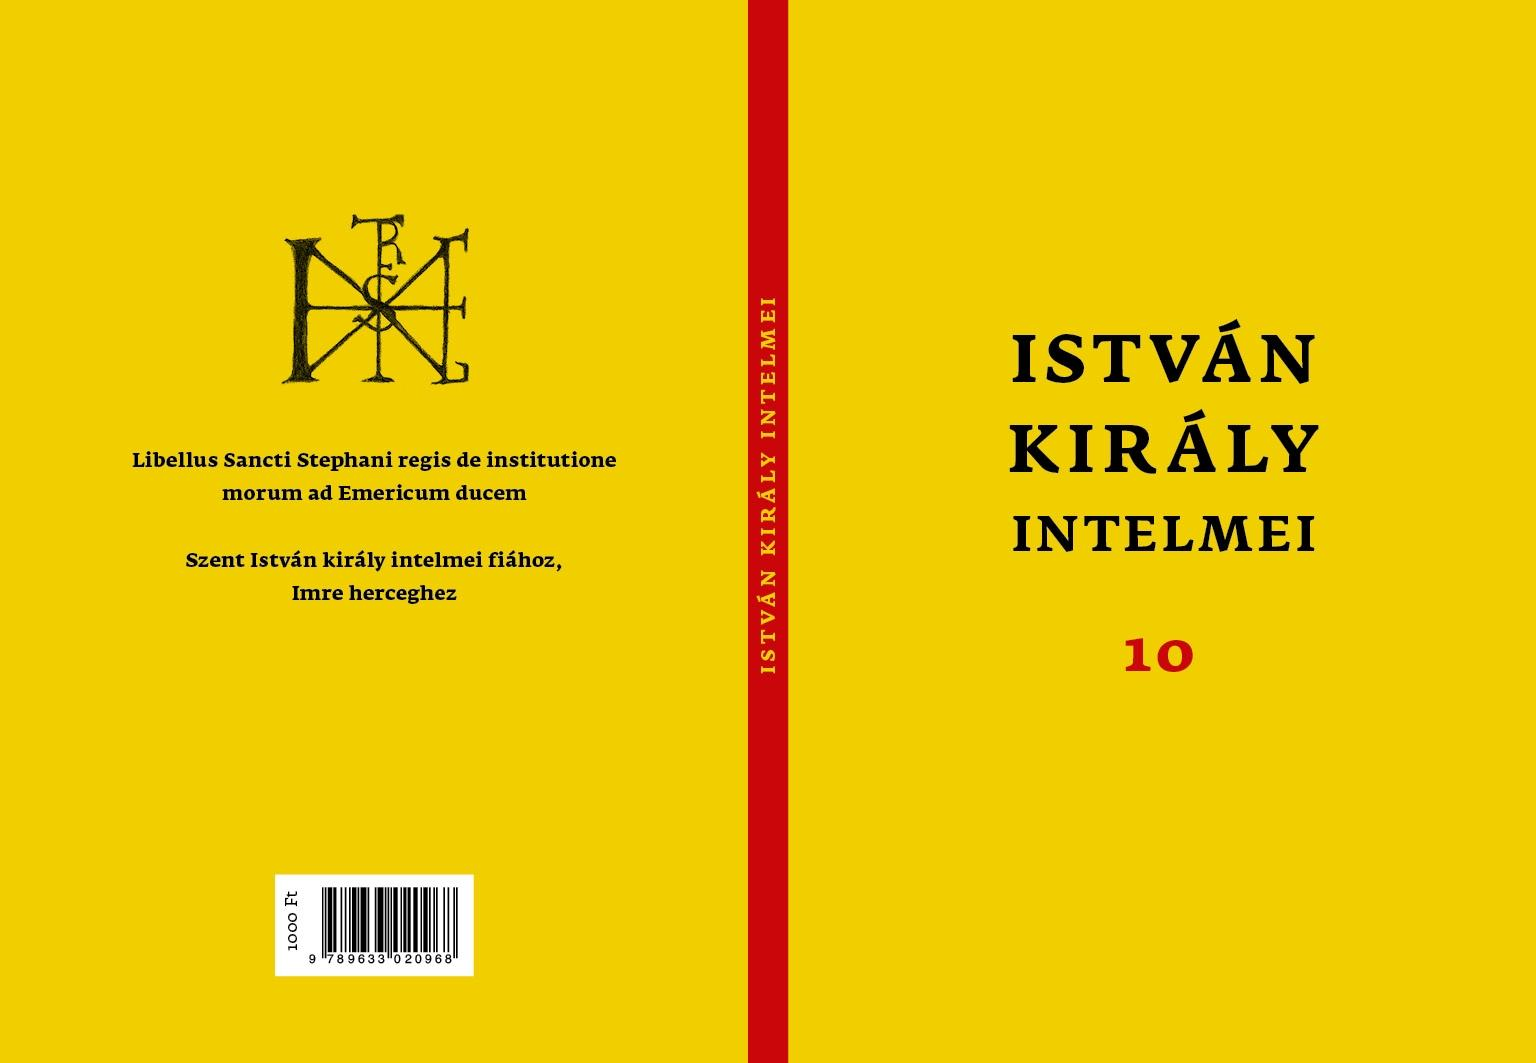 ISTVÁN KIRÁLY INTELMEI 10 - MAGYAR-LATIN